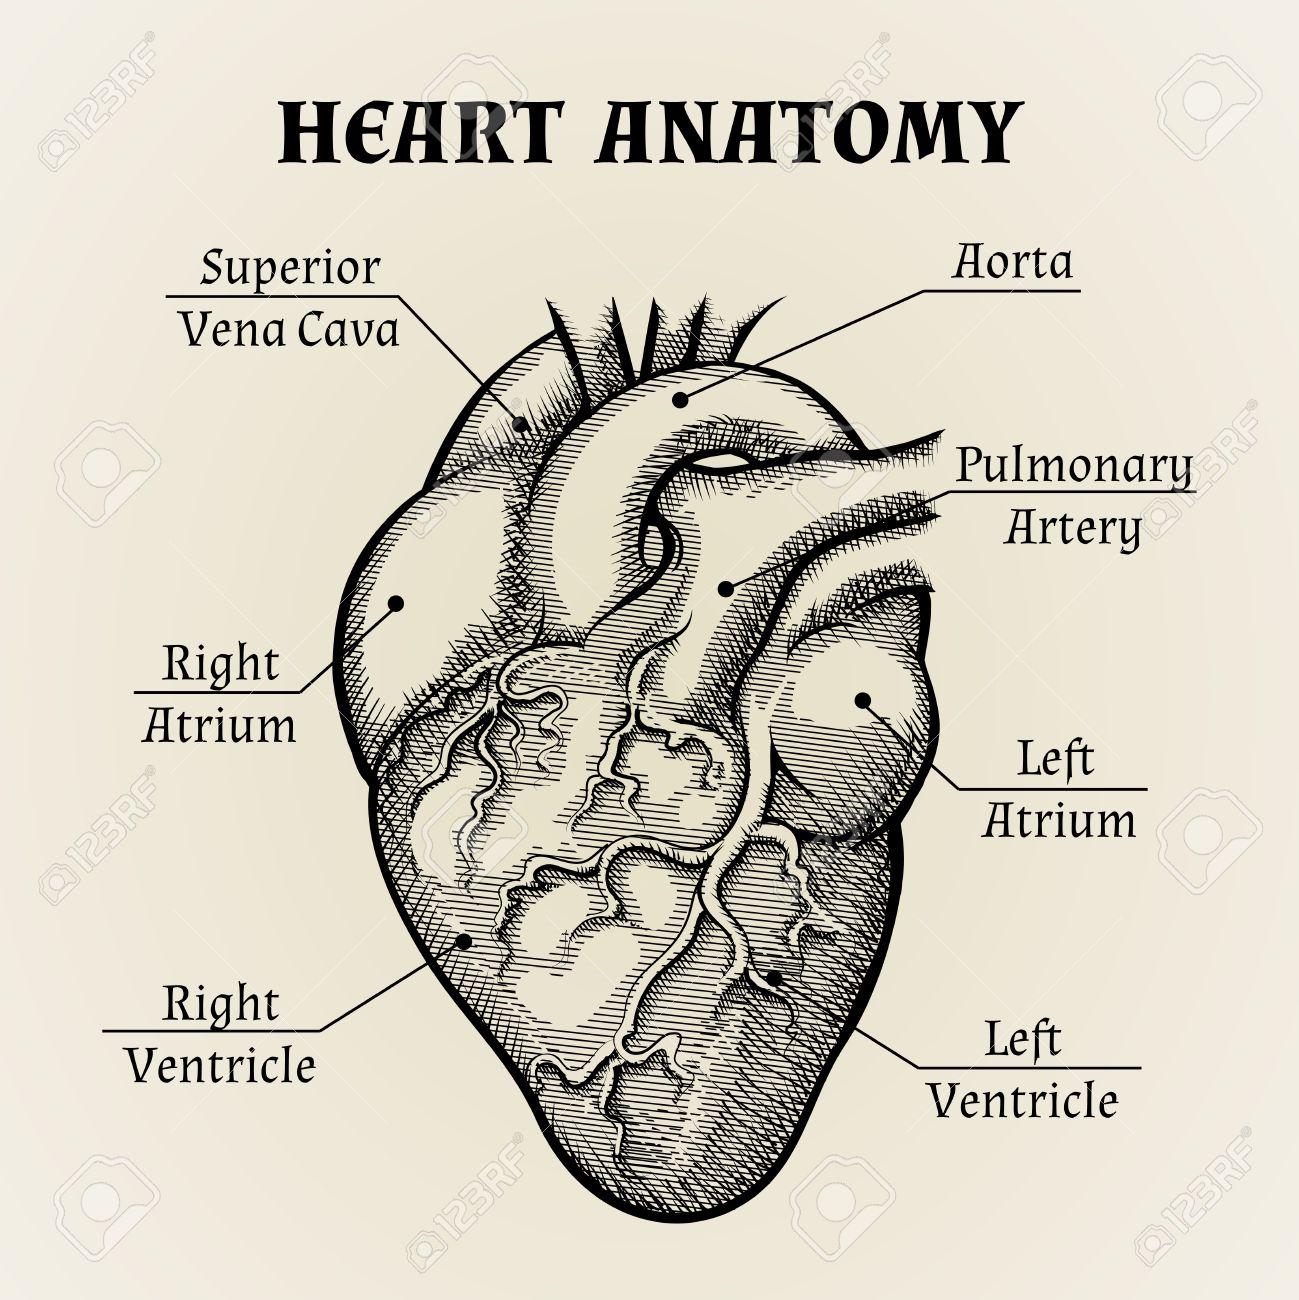 Ziemlich Herz Aorta Anatomie Galerie - Menschliche Anatomie Bilder ...